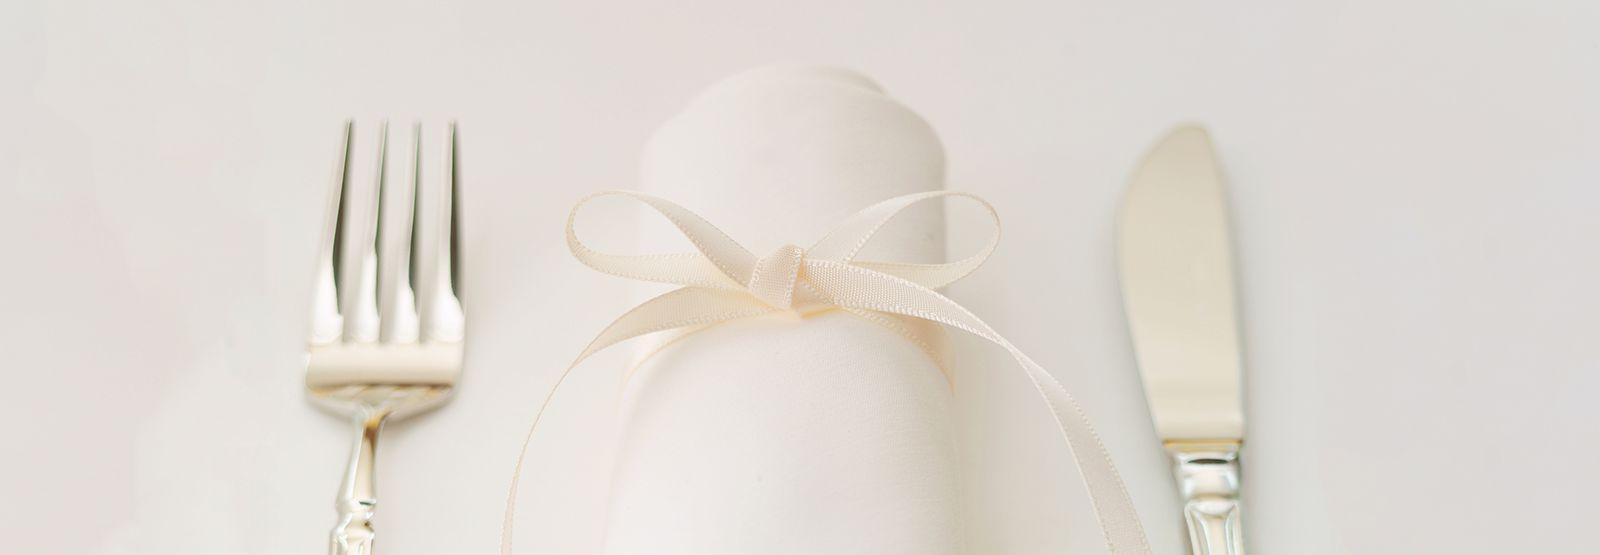 Berjaya Manila Hotel Wedding Package | Special Debut Packages